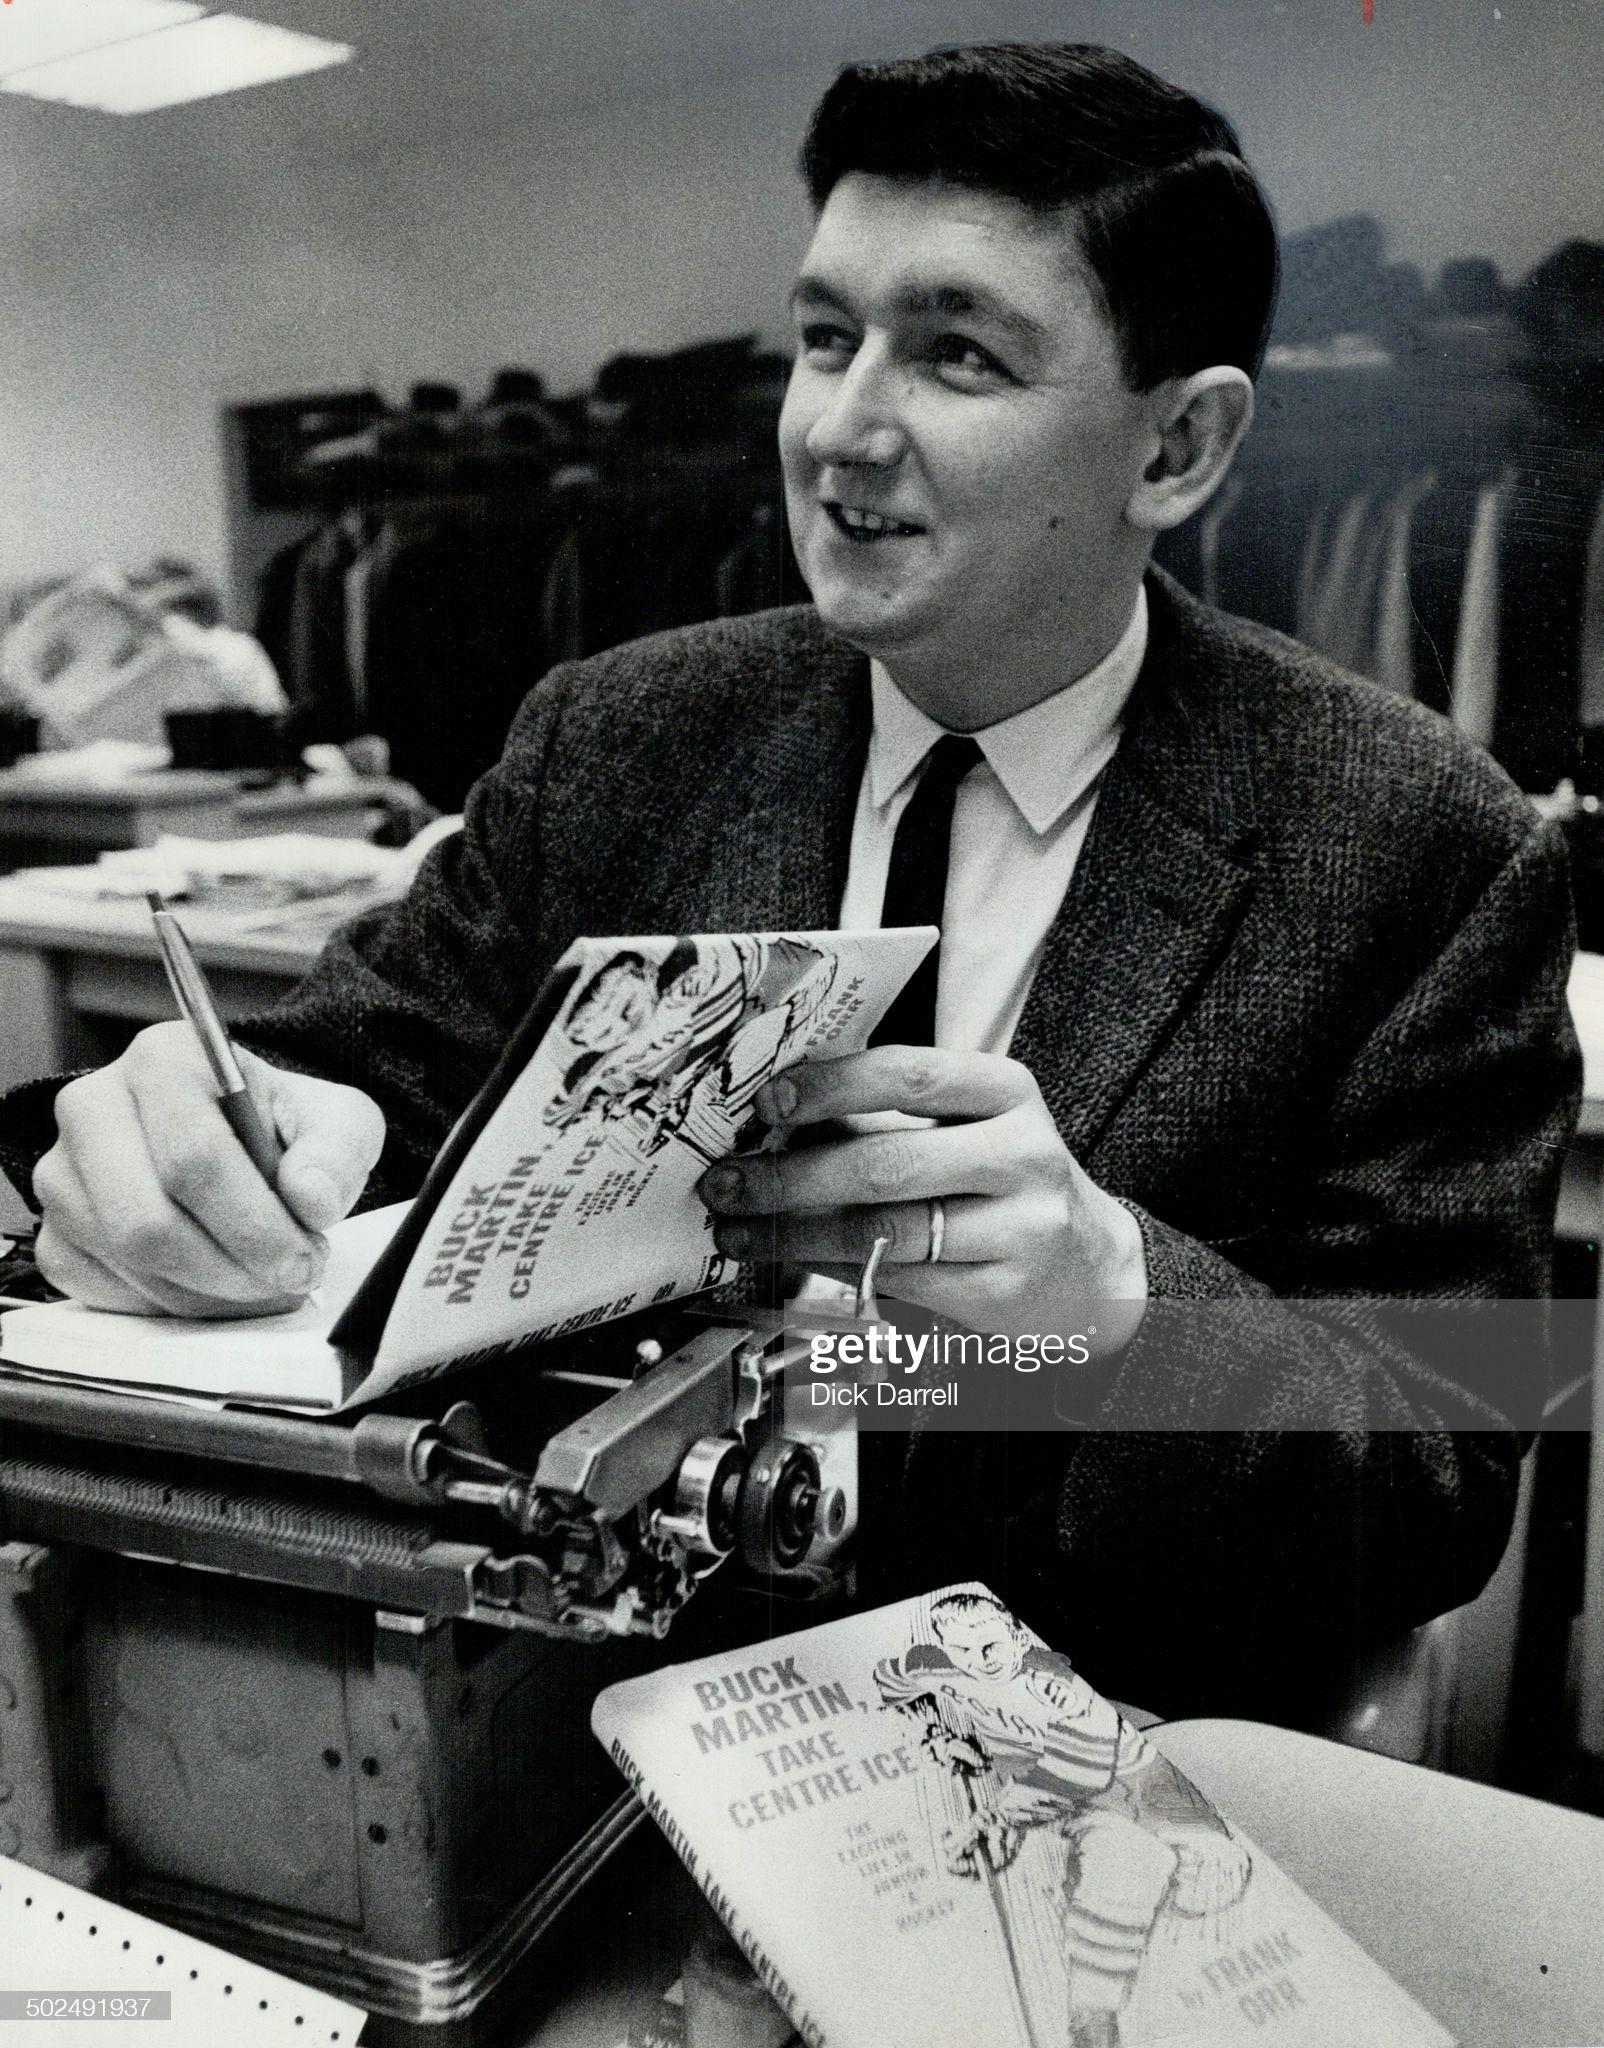 Frank Orr, Dead at 85